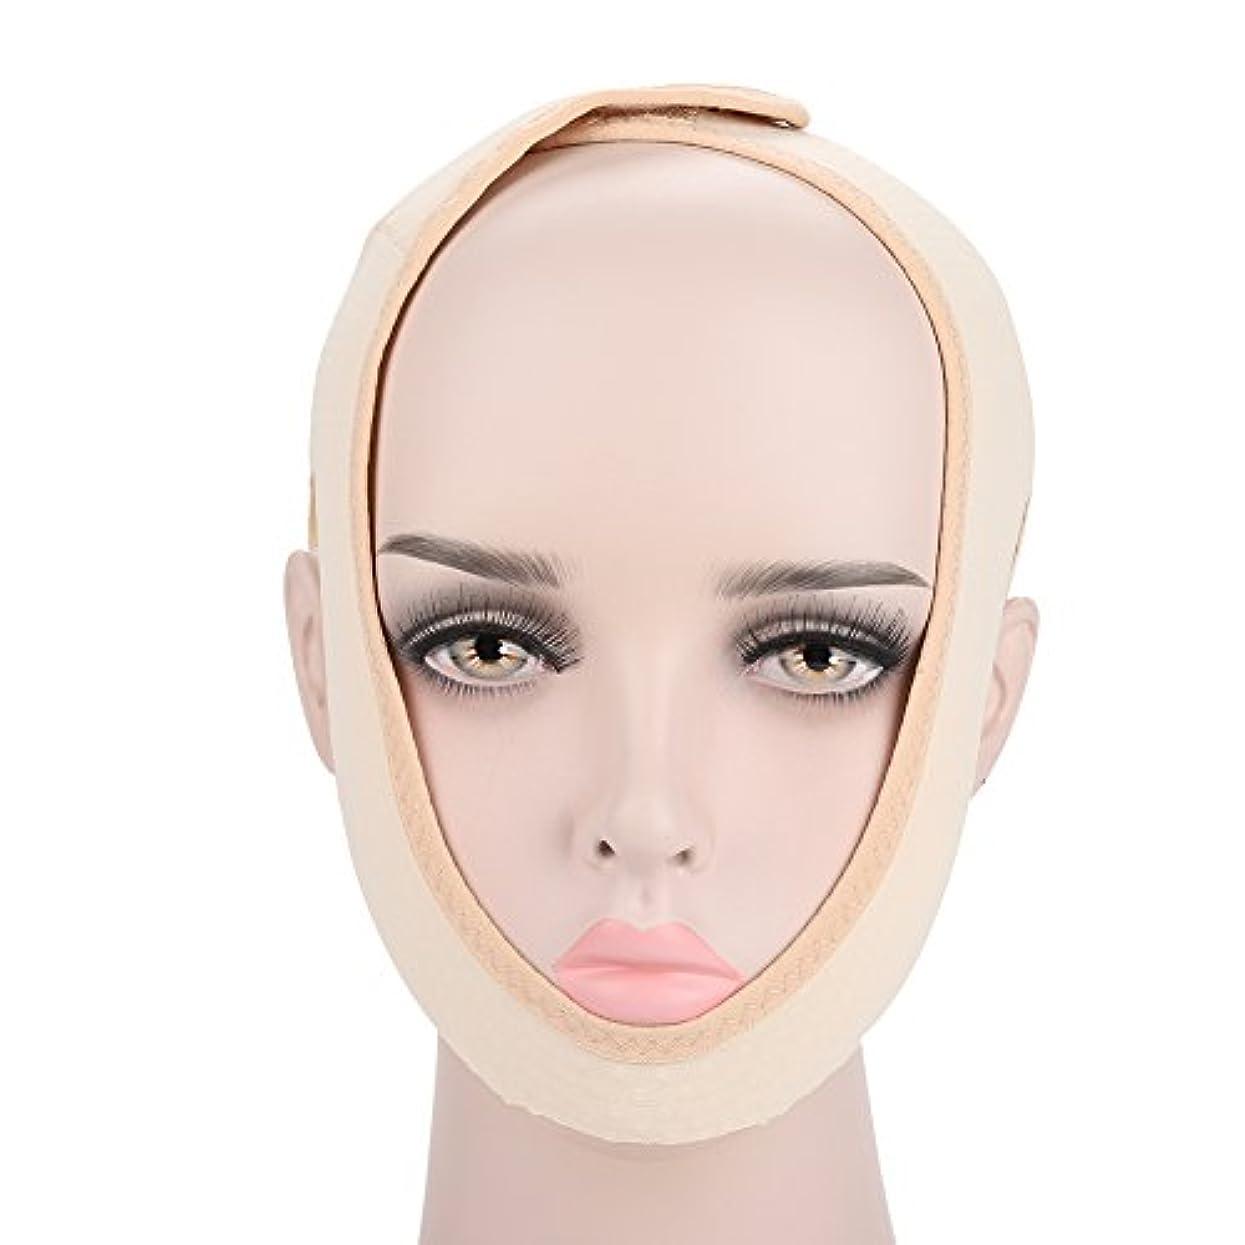 人口面積さておき顔の輪郭を改善するための顔の痩身マスク、通気性と伸縮性、二重あごを和らげ、顔の手術とリハビリ